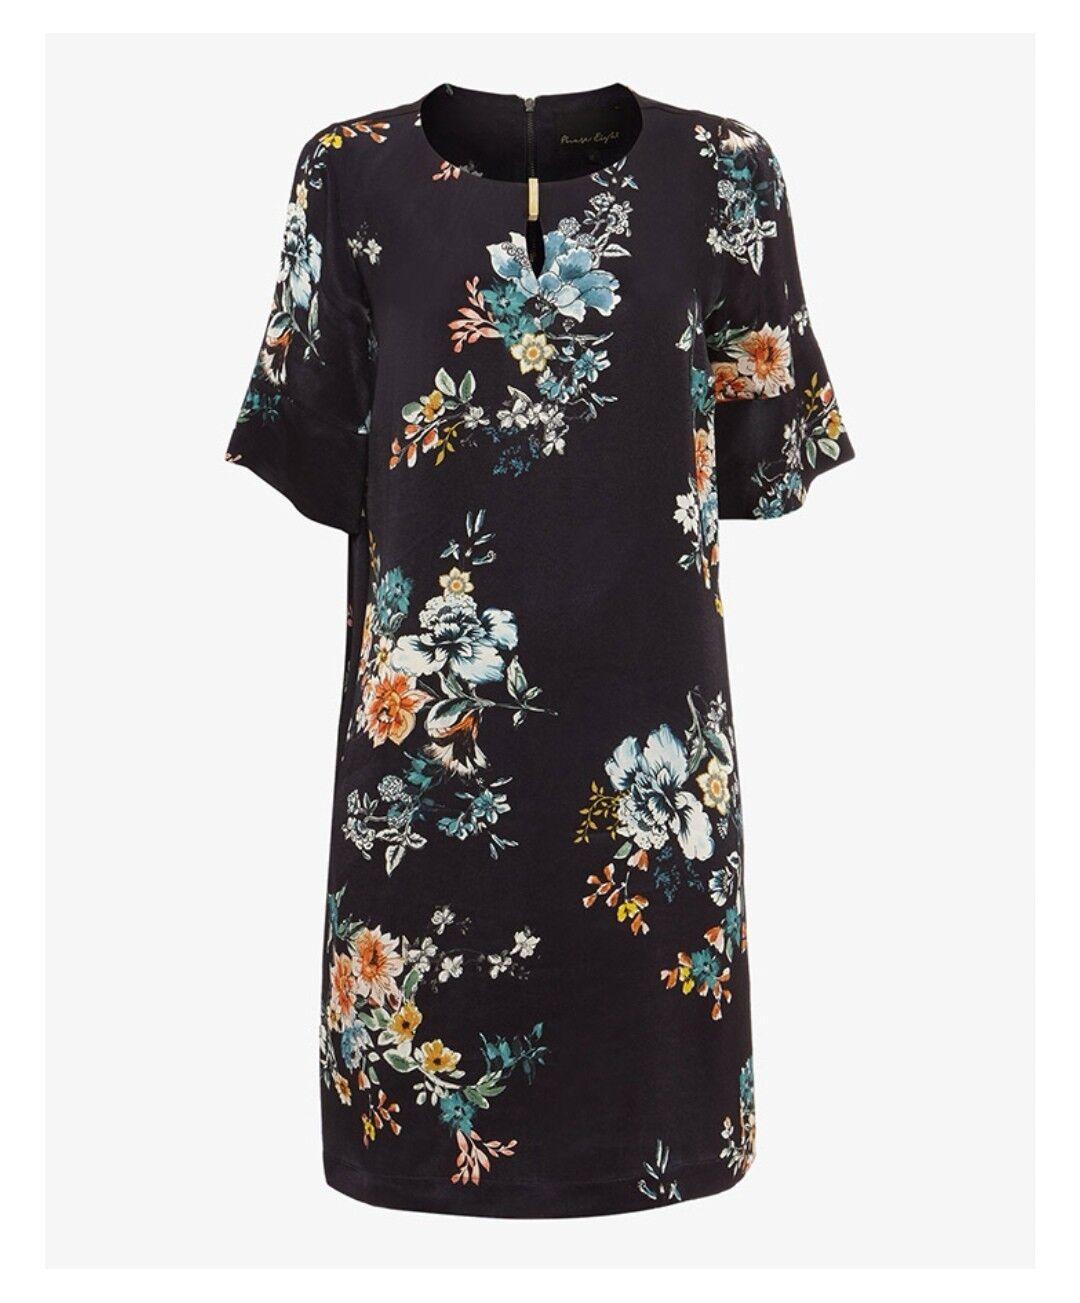 Phase Eight Zadie Floral Tunic Dress Größe 14